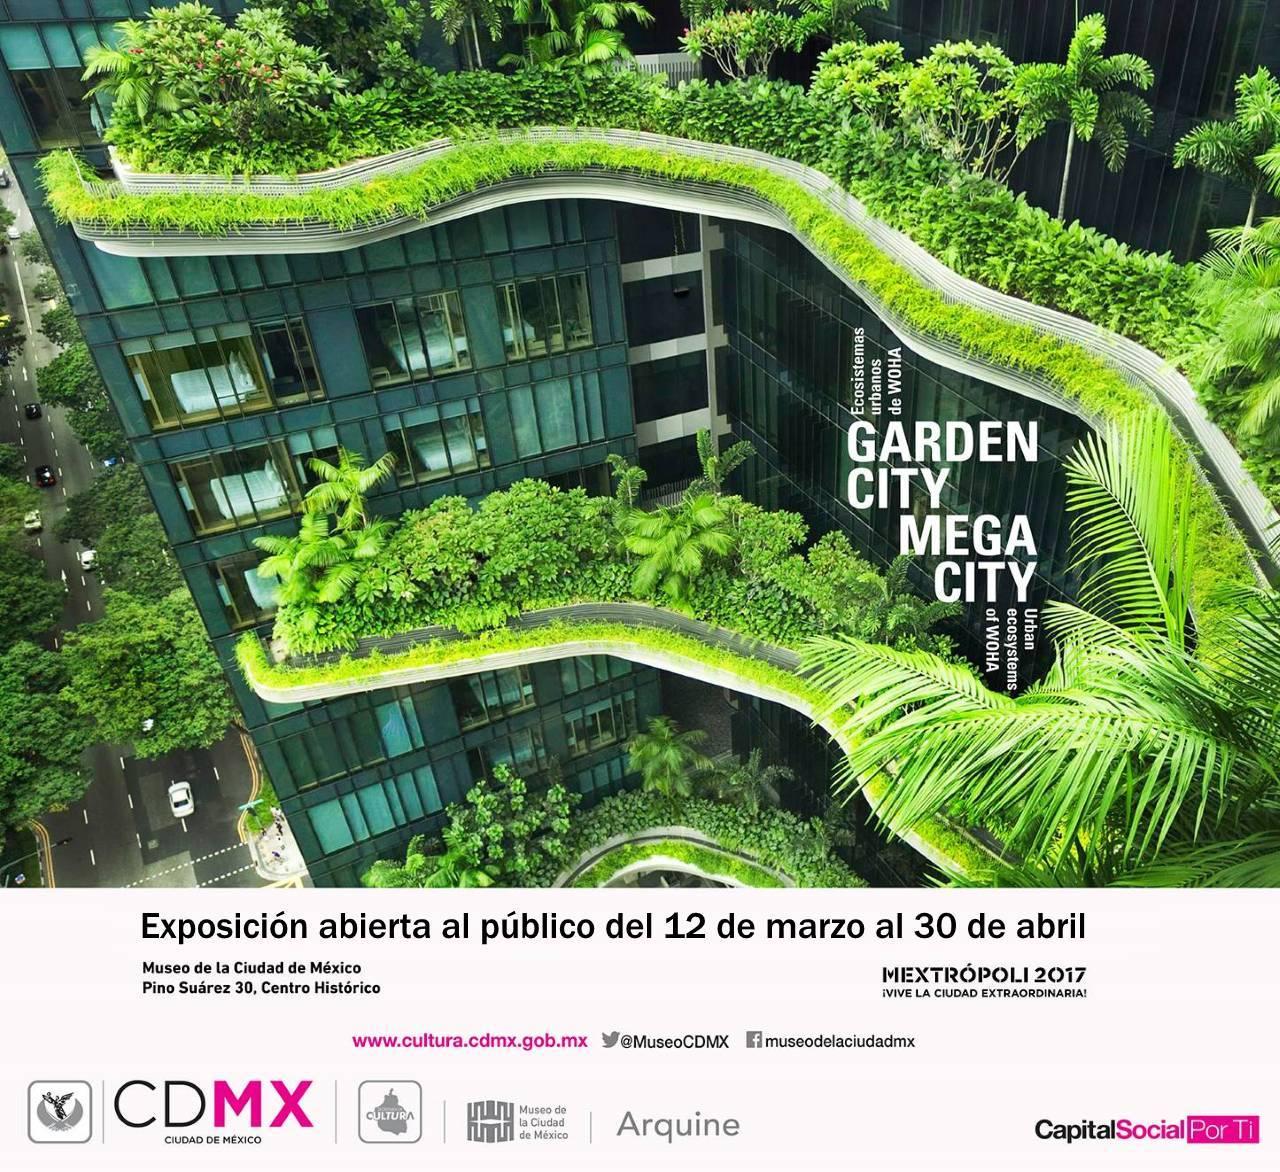 GARDEN CITY MEGA CITY: Los Ecosistemas Urbanos de WOHA : Cartel © Secretaría de Cultura Ciudad de México